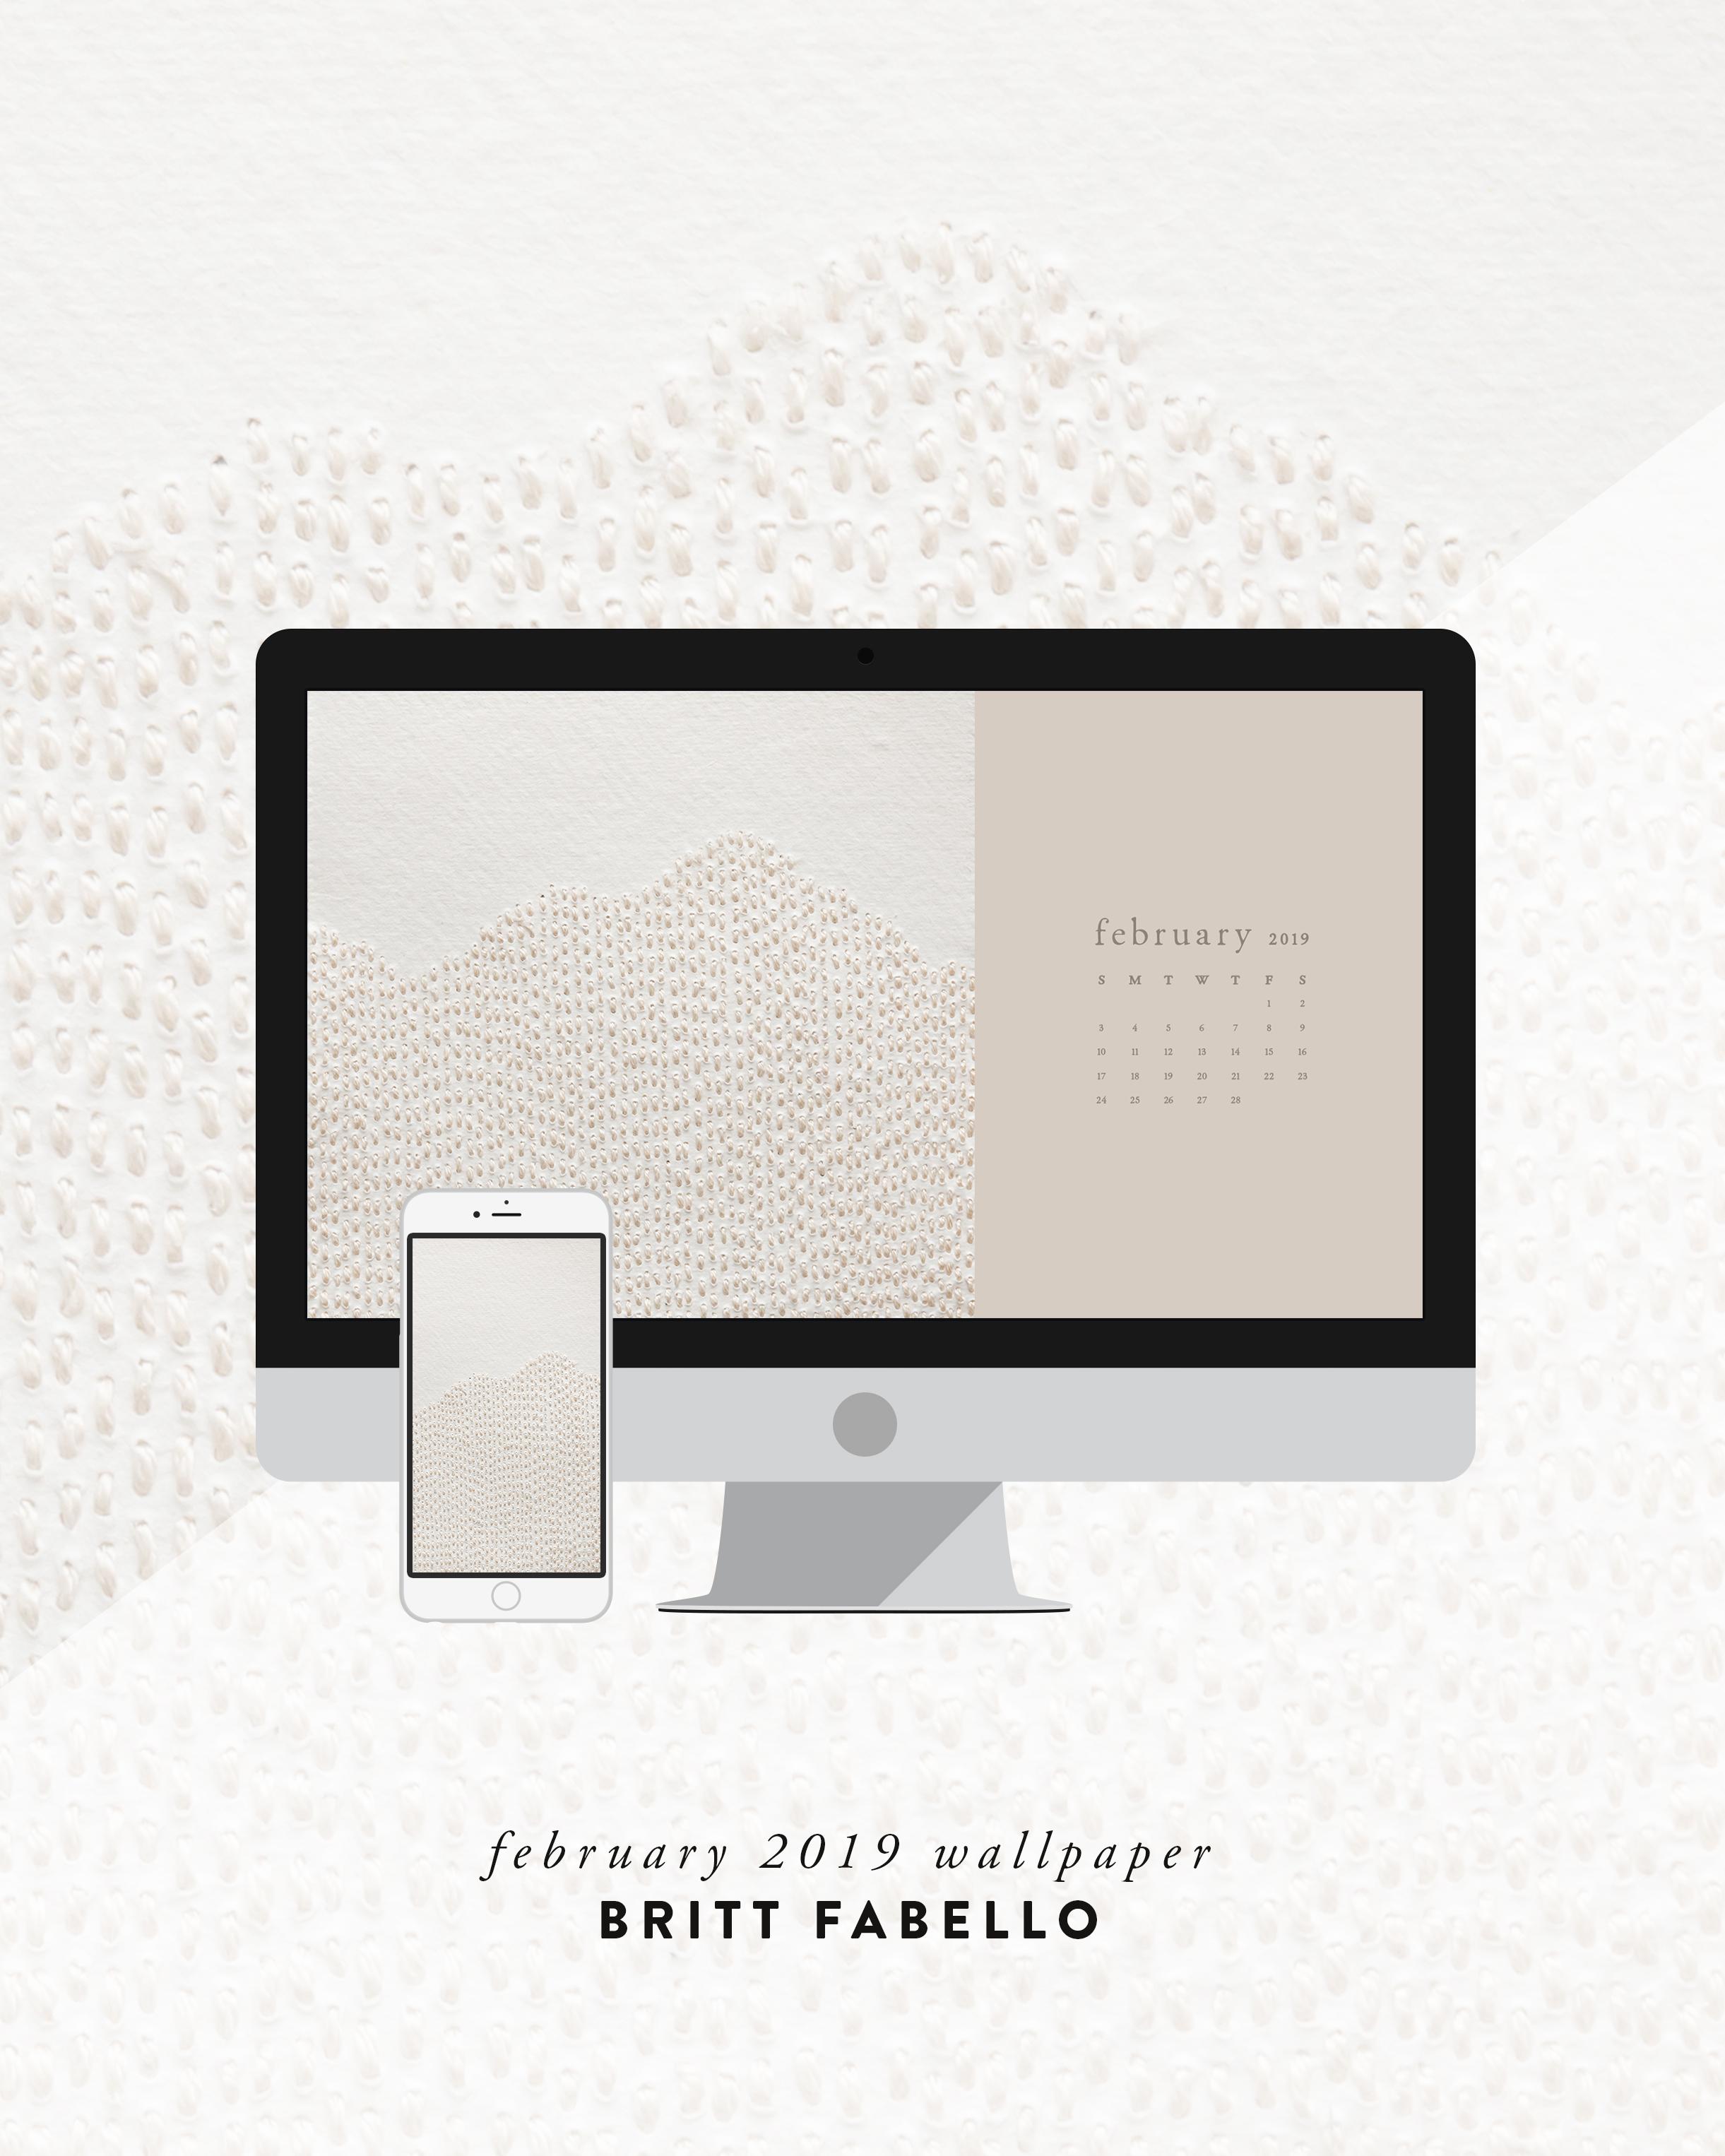 Wallpaper: February 2019 Calendar & Artwork | Phone & Computer | Britt Fabello